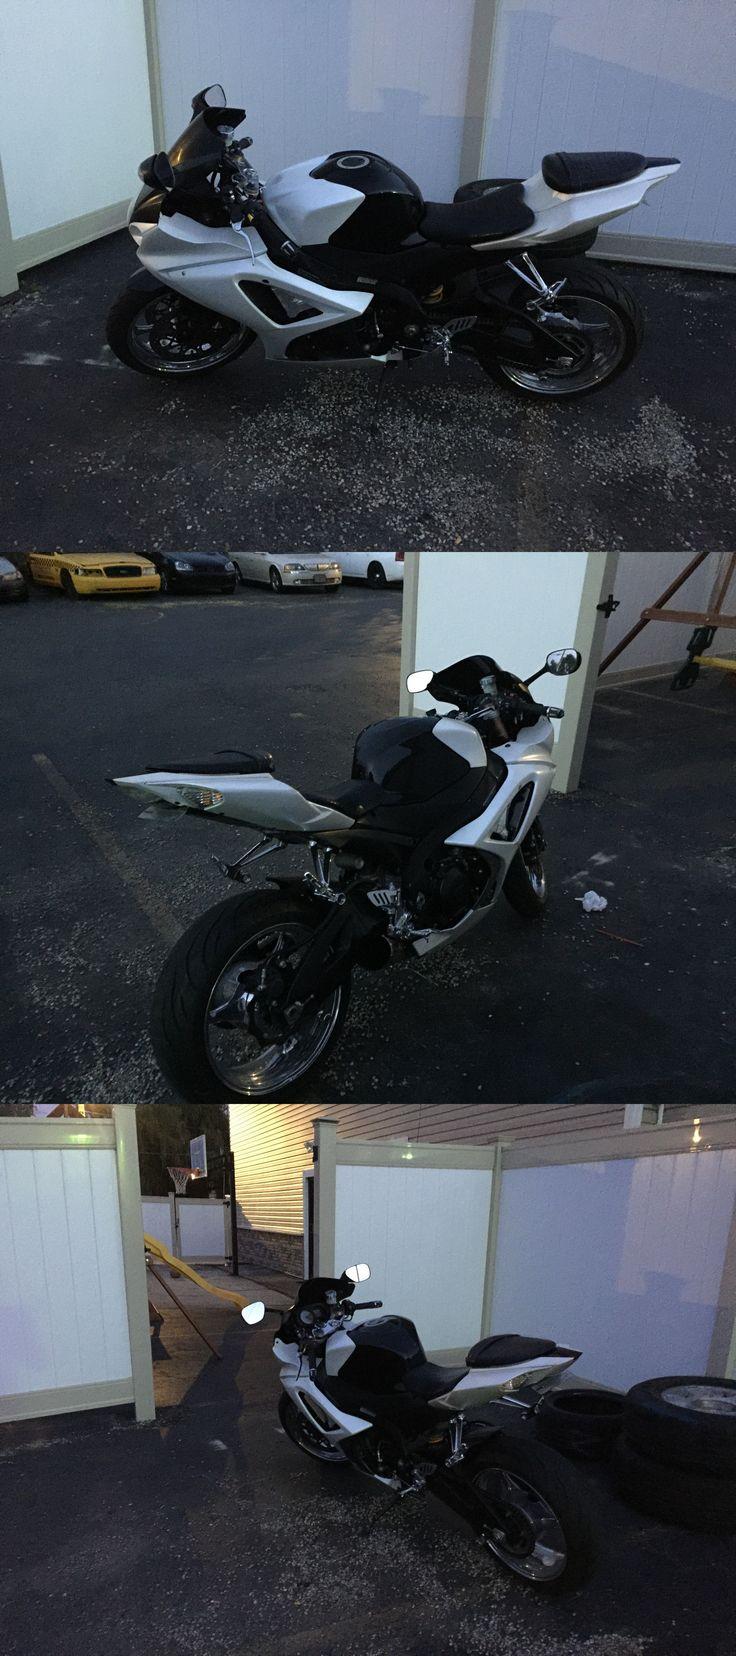 Motorcycles: 2007 Suzuki Gsx-R 2007 Suzuki Gsx-R 1000 -> BUY IT NOW ONLY: $5500 on eBay!